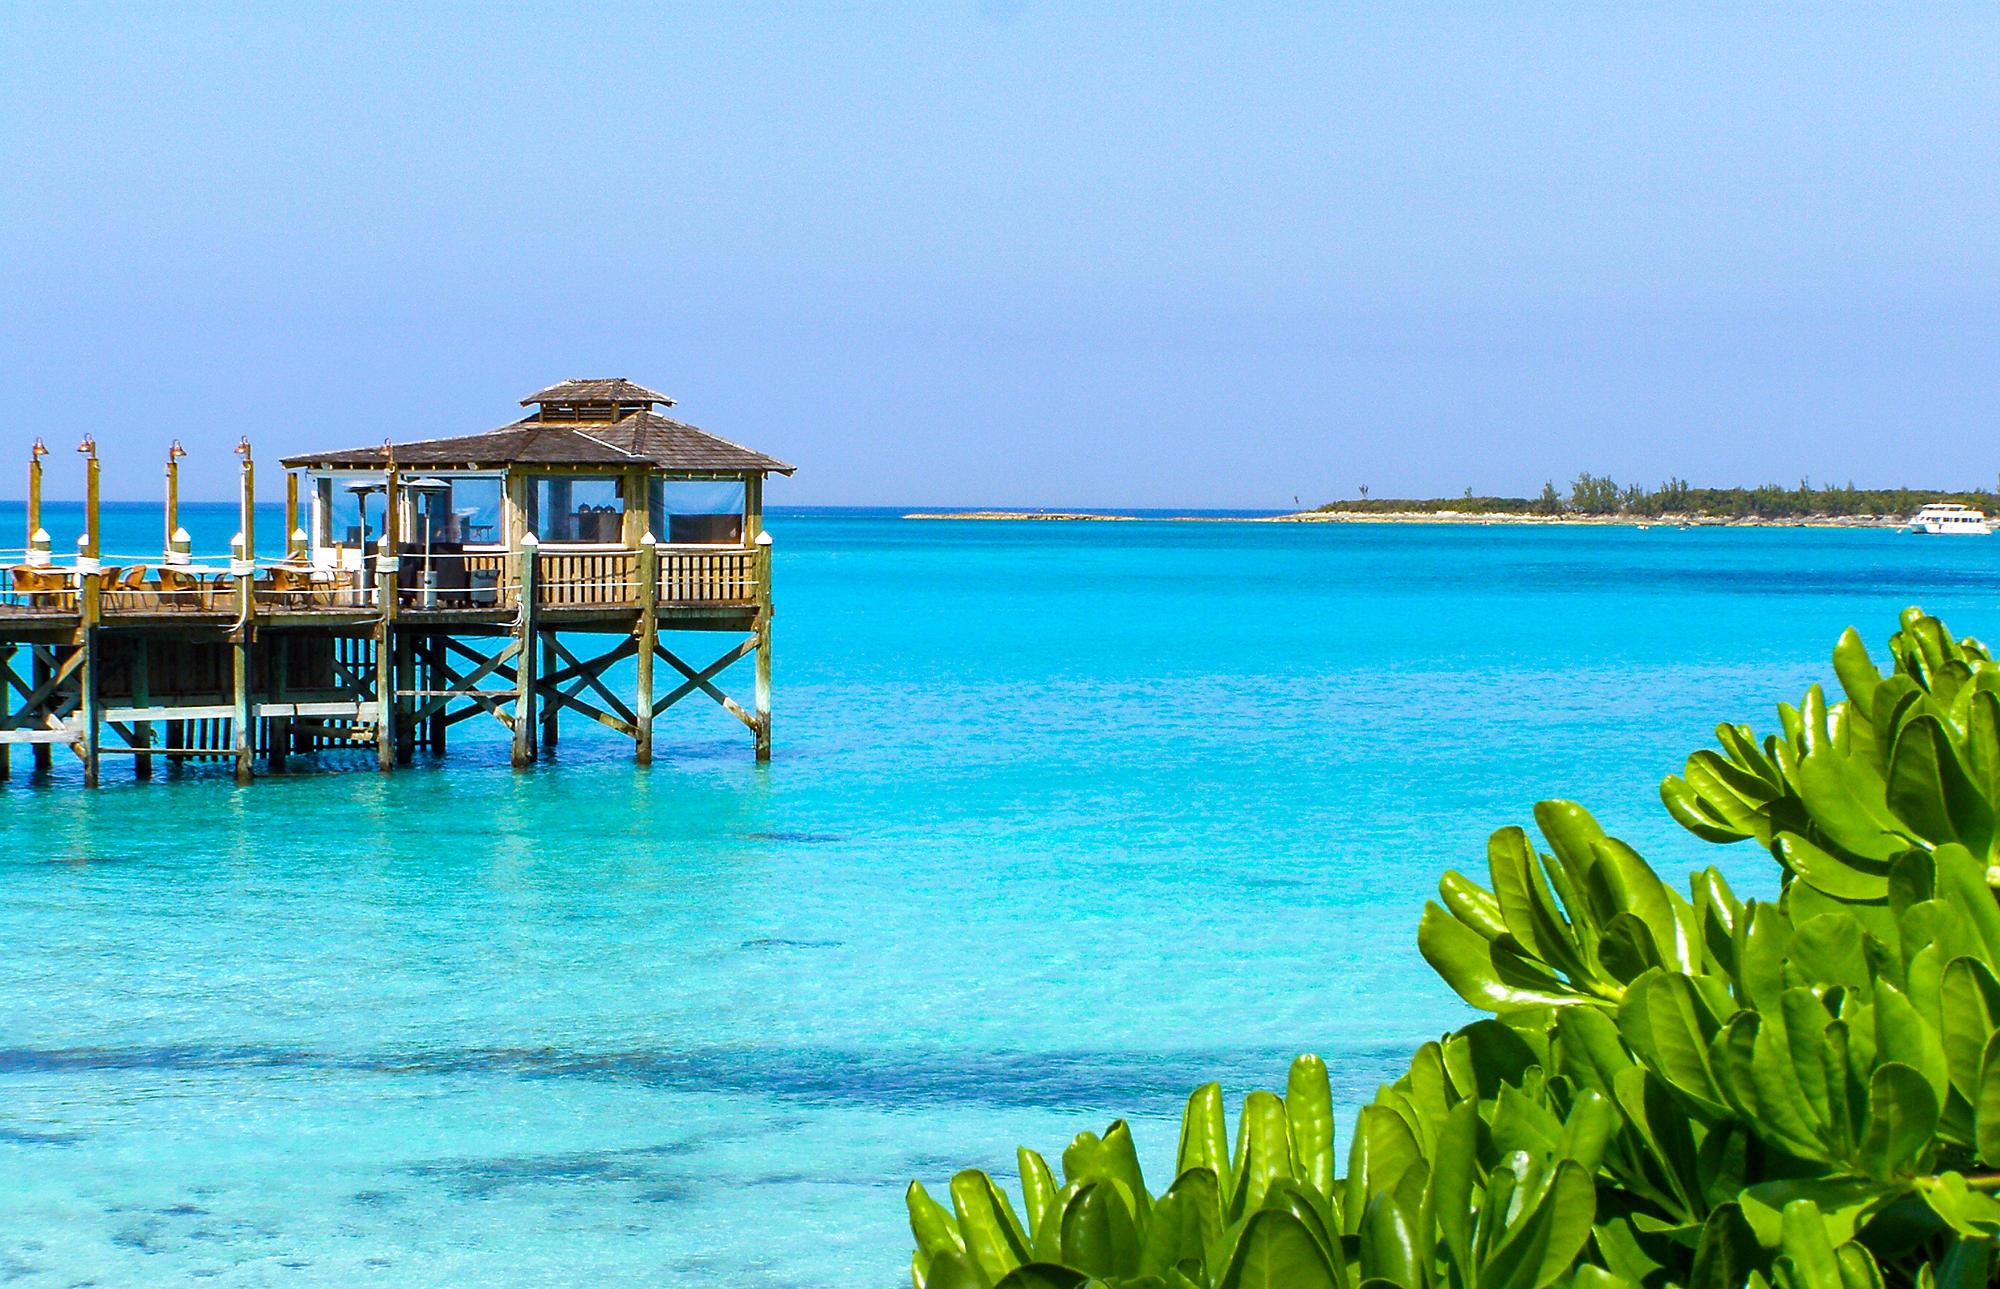 bahamalar-turk vatandaslarindan vize istemeyen ulkeler